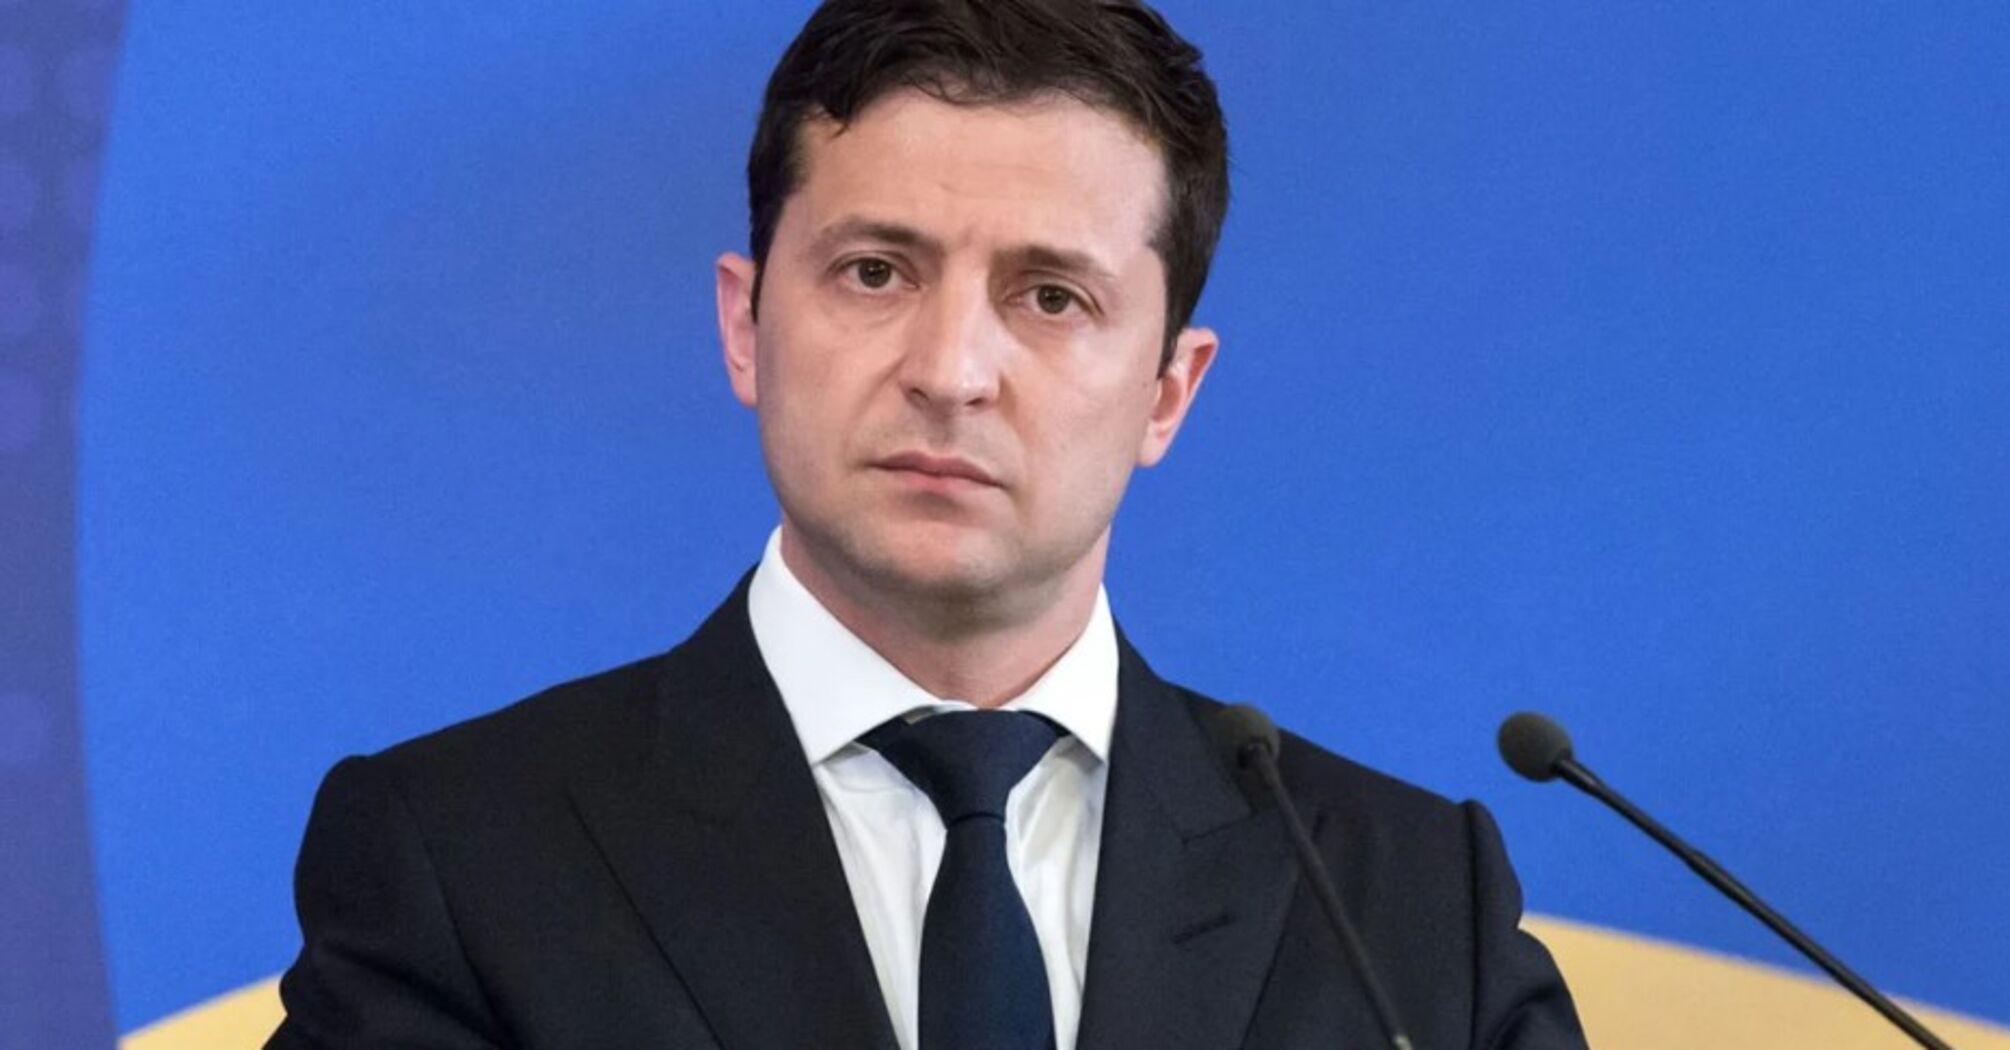 Обращение Кадырова к Зеленскому – попытка делегитимизировать украинскую власть